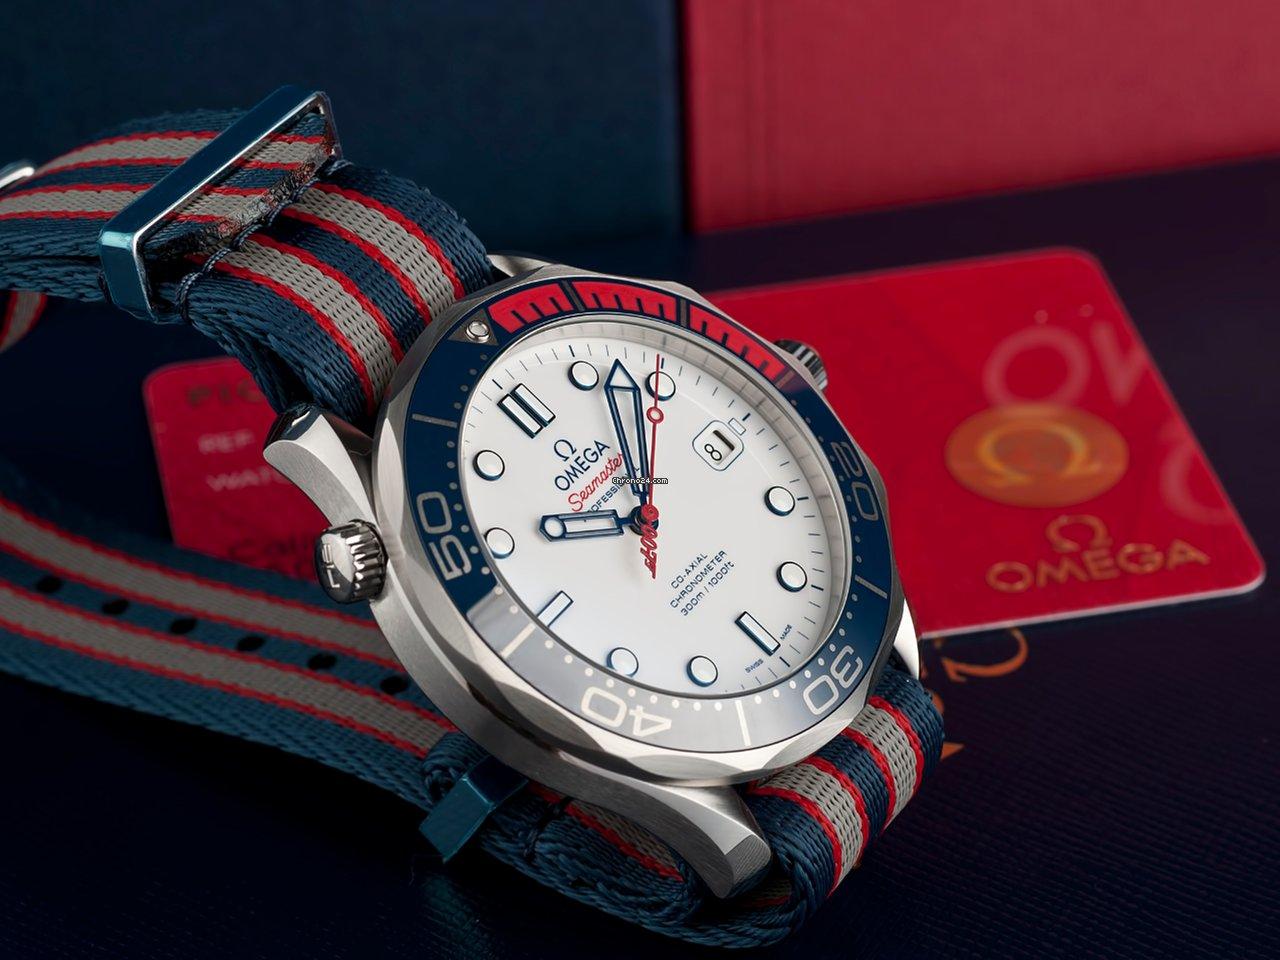 高仿瑞士欧米茄OMEGA手表海马系列指挥官机械男表212.32.41.20 04.001官方图片